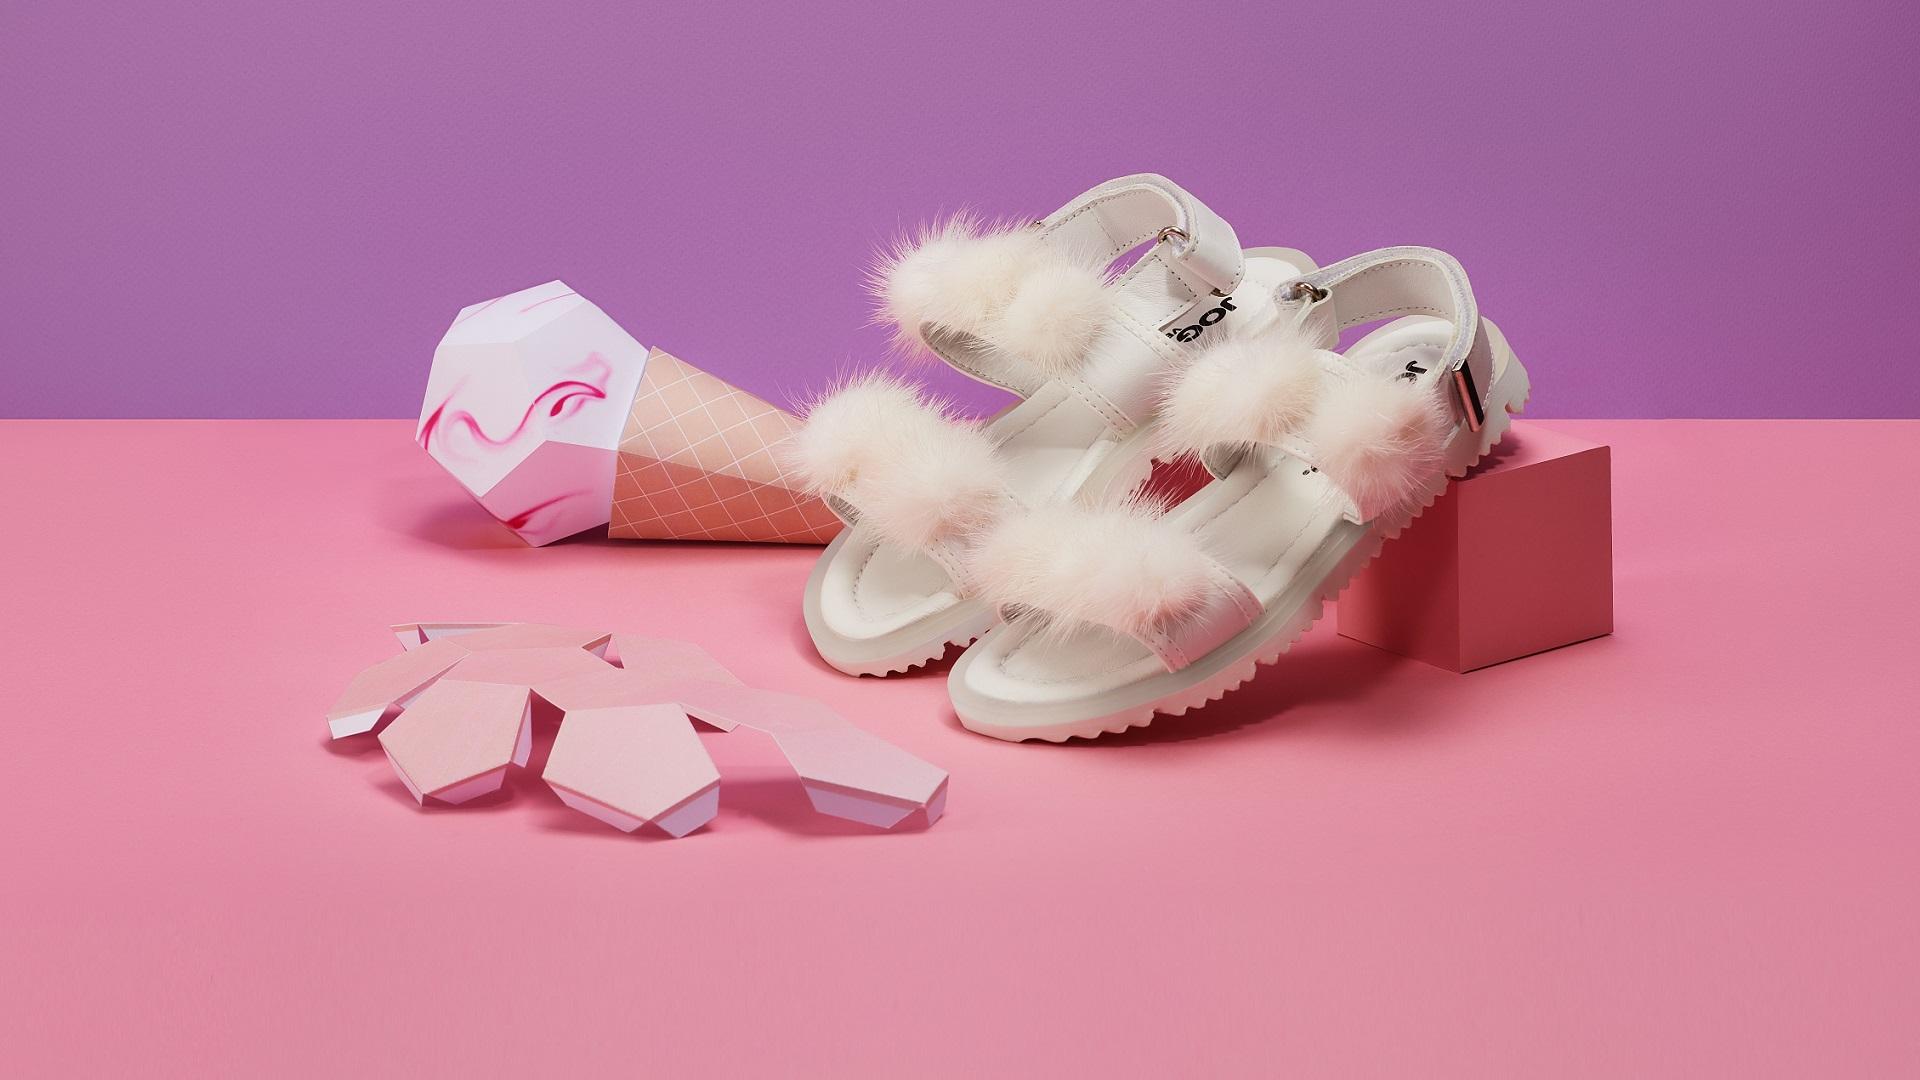 65ca3e862 Официальный интернет-магазин обуви JOG DOG. Коллекция Весна-Лето ...